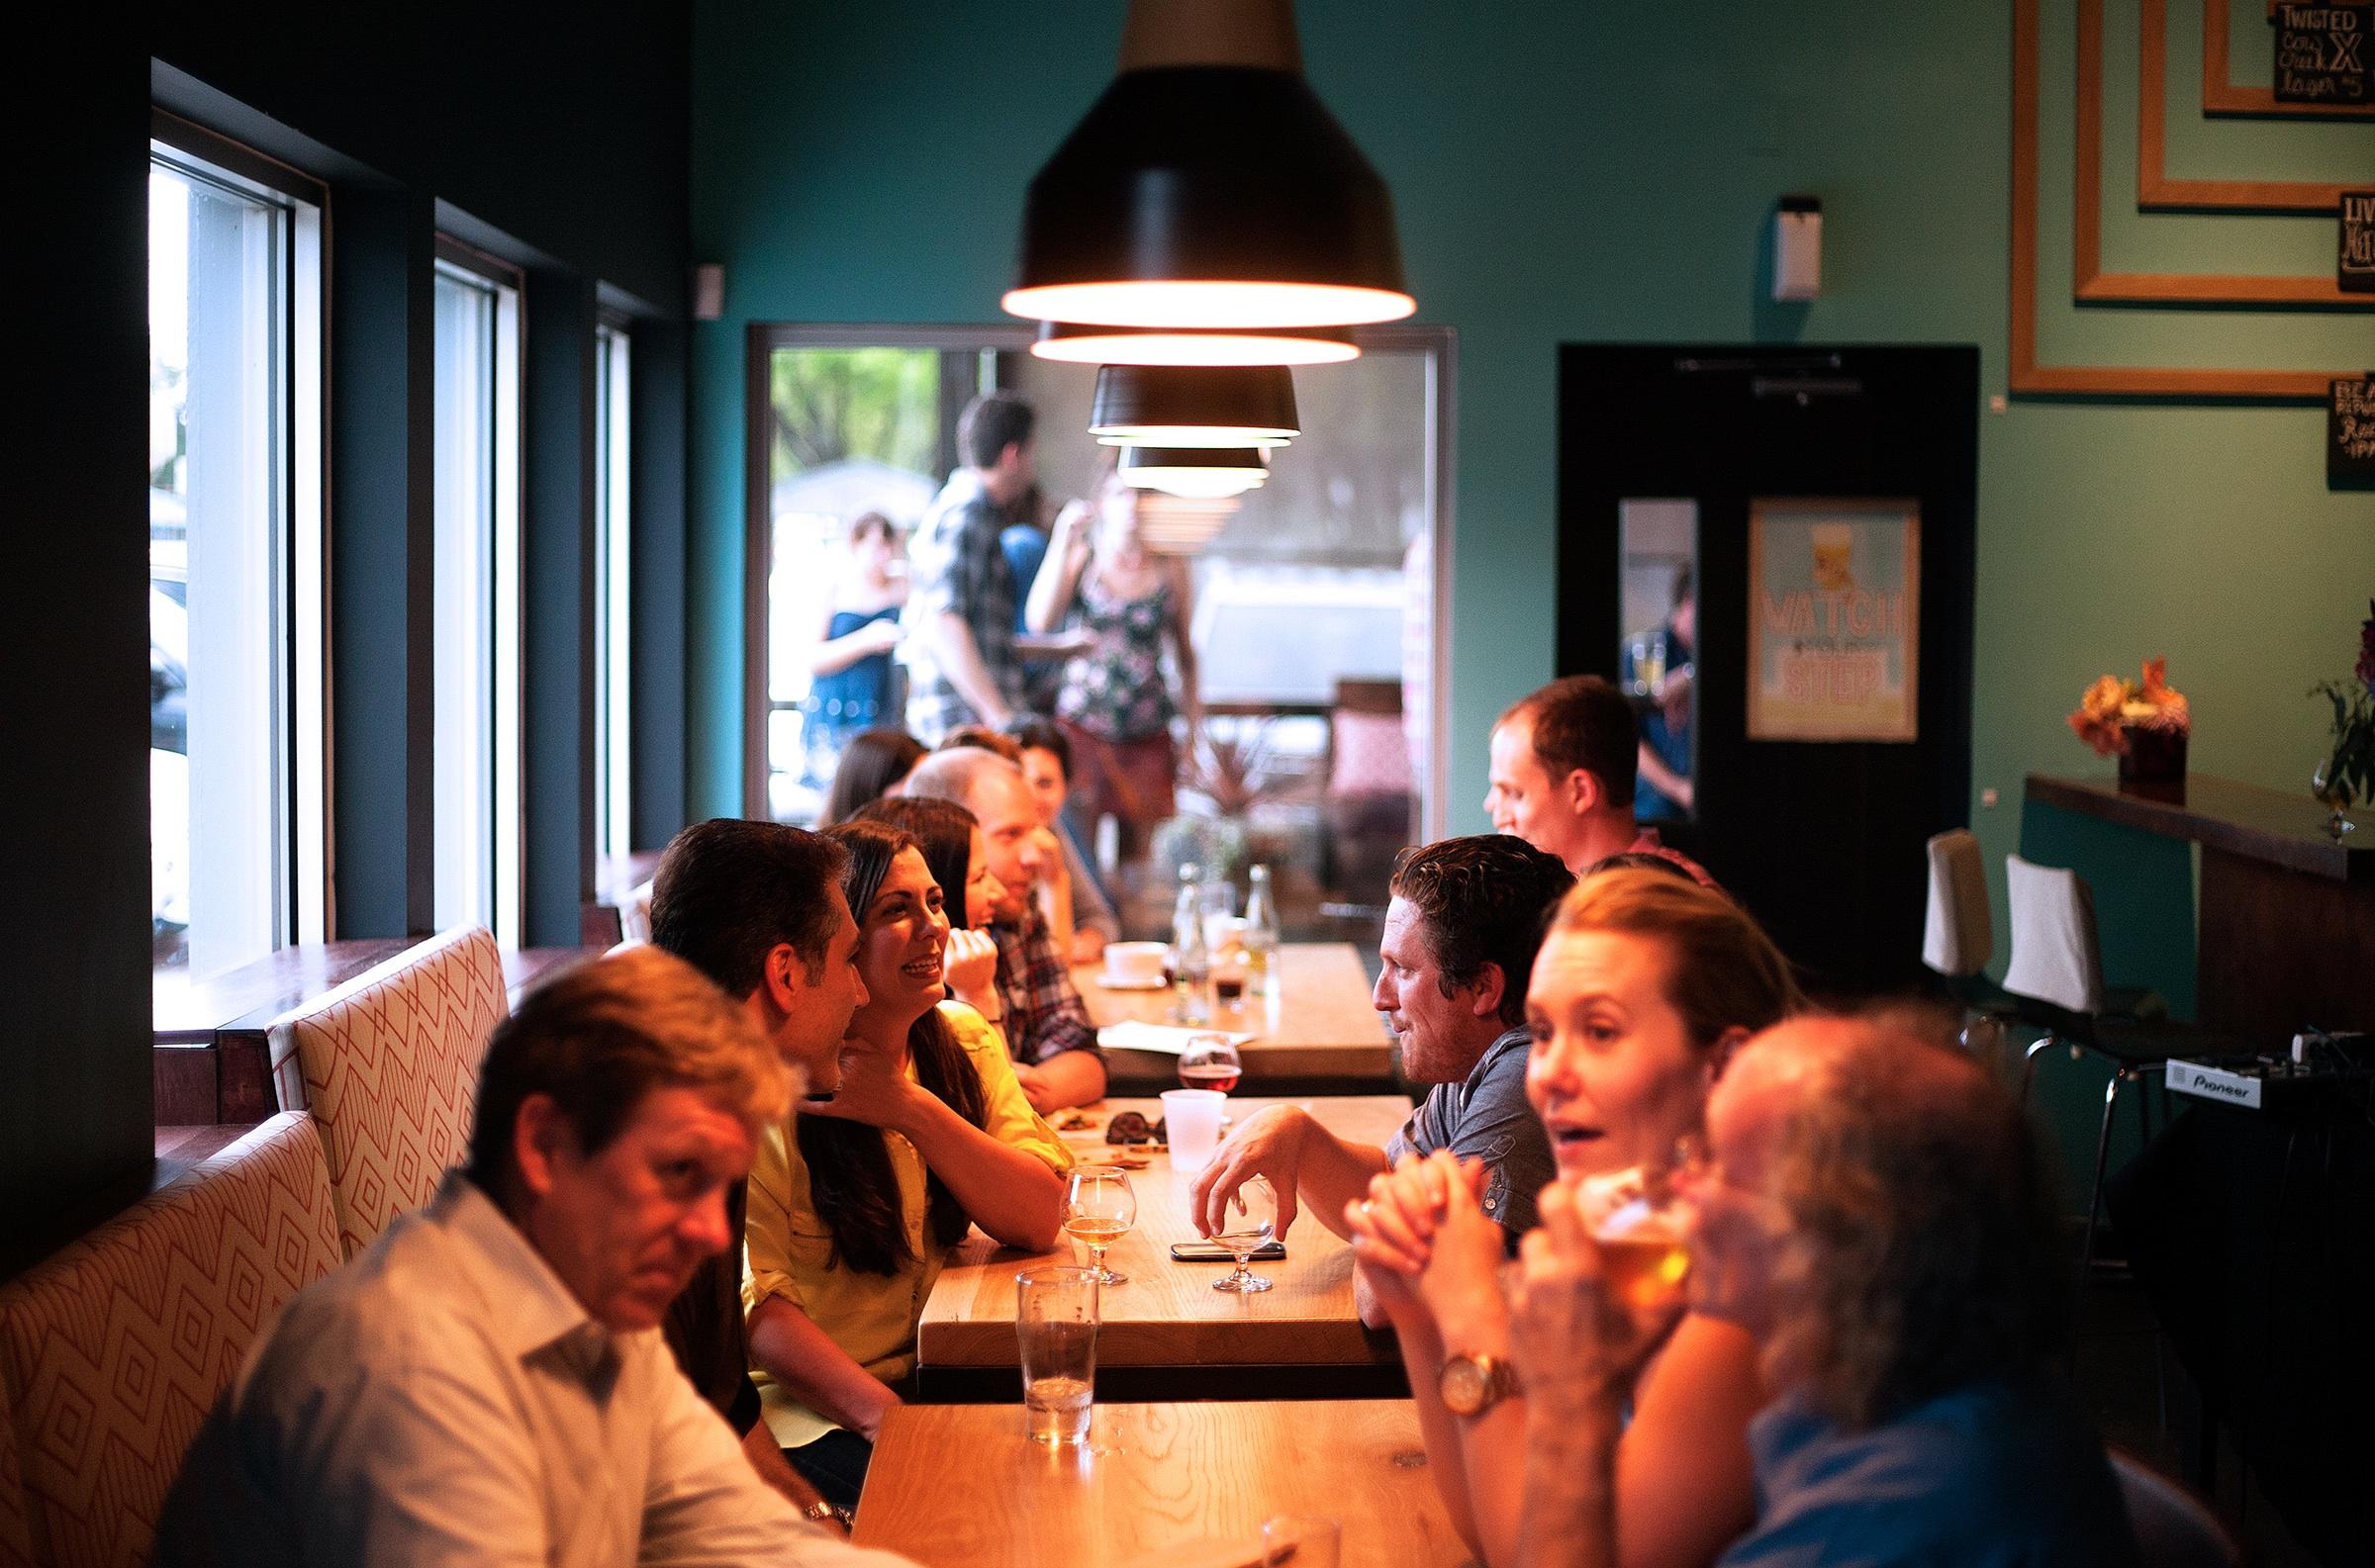 Mănânci mult și prost în contexte sociale ?